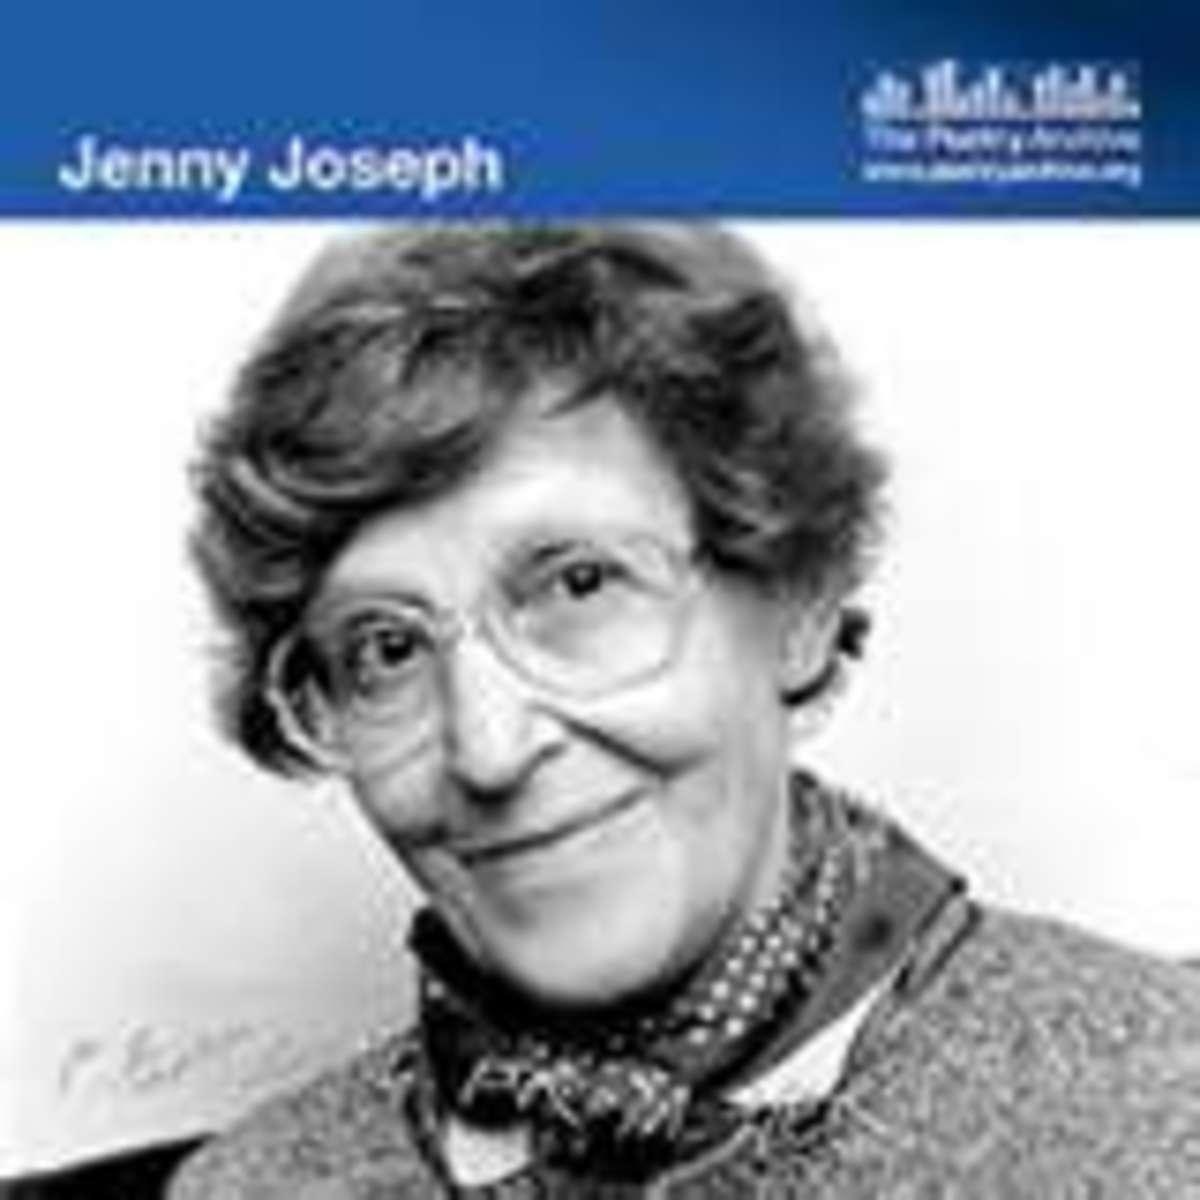 'I Shall Wear Purple', with pleasant regards to Jenny Joseph